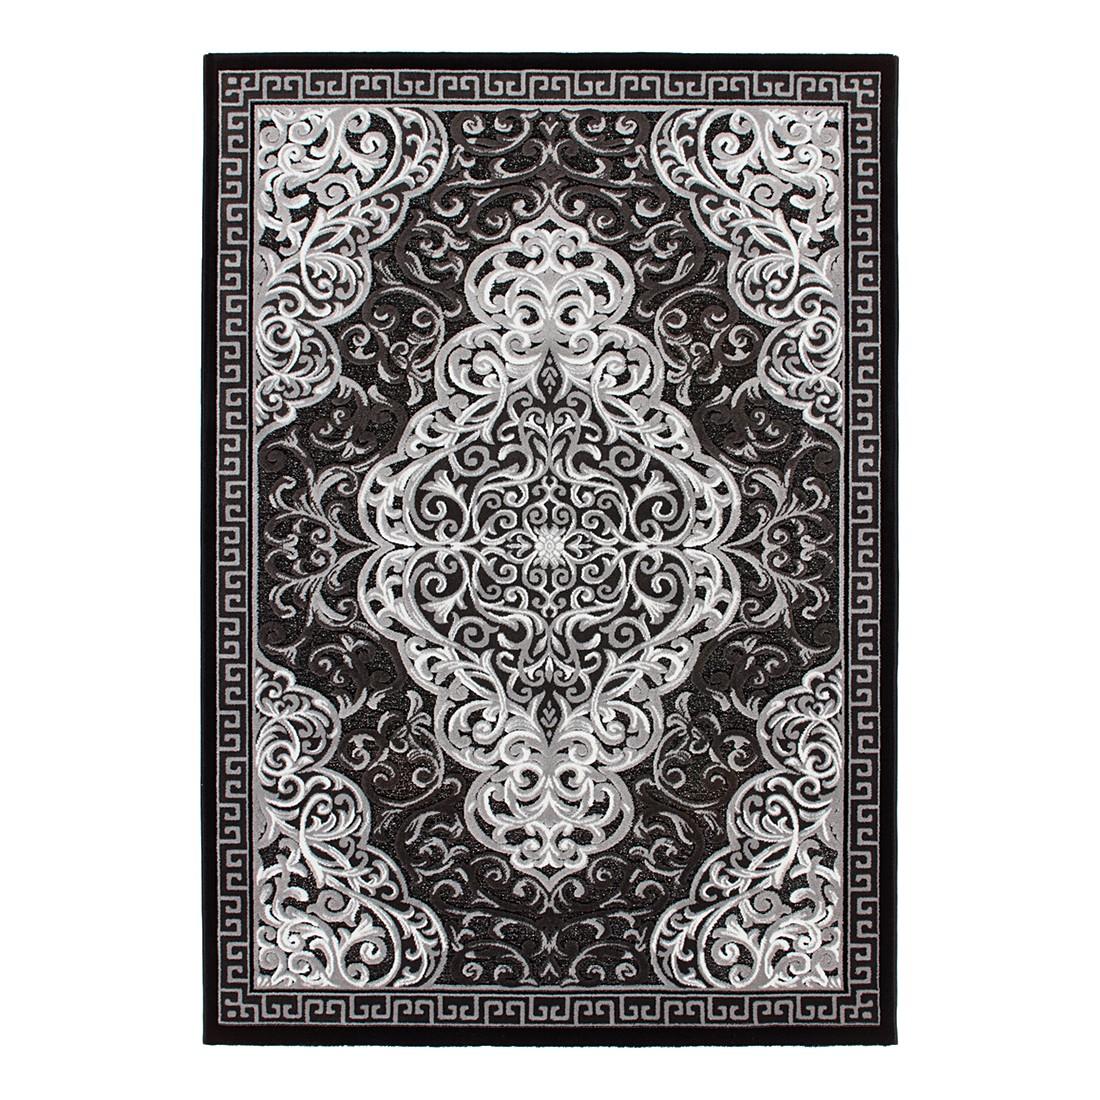 Teppich Turkey – Antalya – Schwarz – 120 x 170 cm, Kayoom bestellen